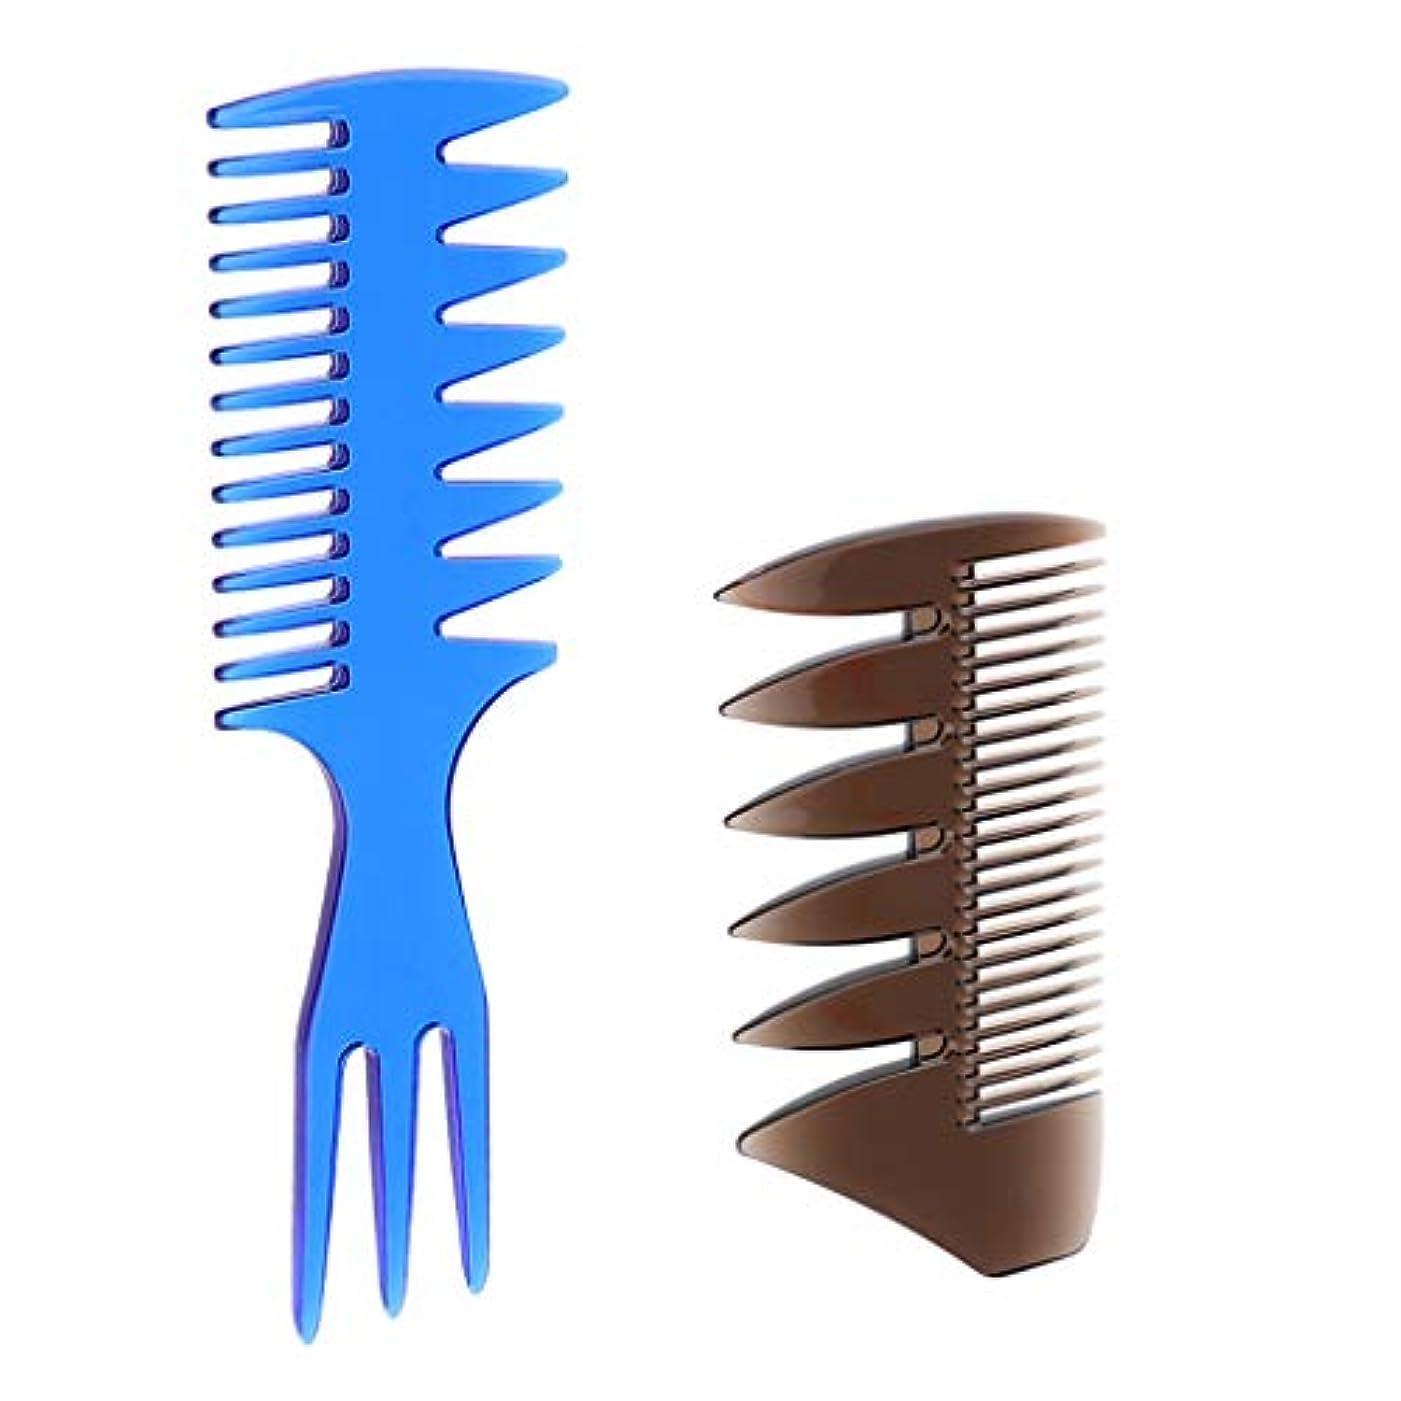 はっきりしない不完全なかみそりT TOOYFUL 2本 男性の油性の髪 櫛のサロンの色素 整髪美容整形幅広い歯